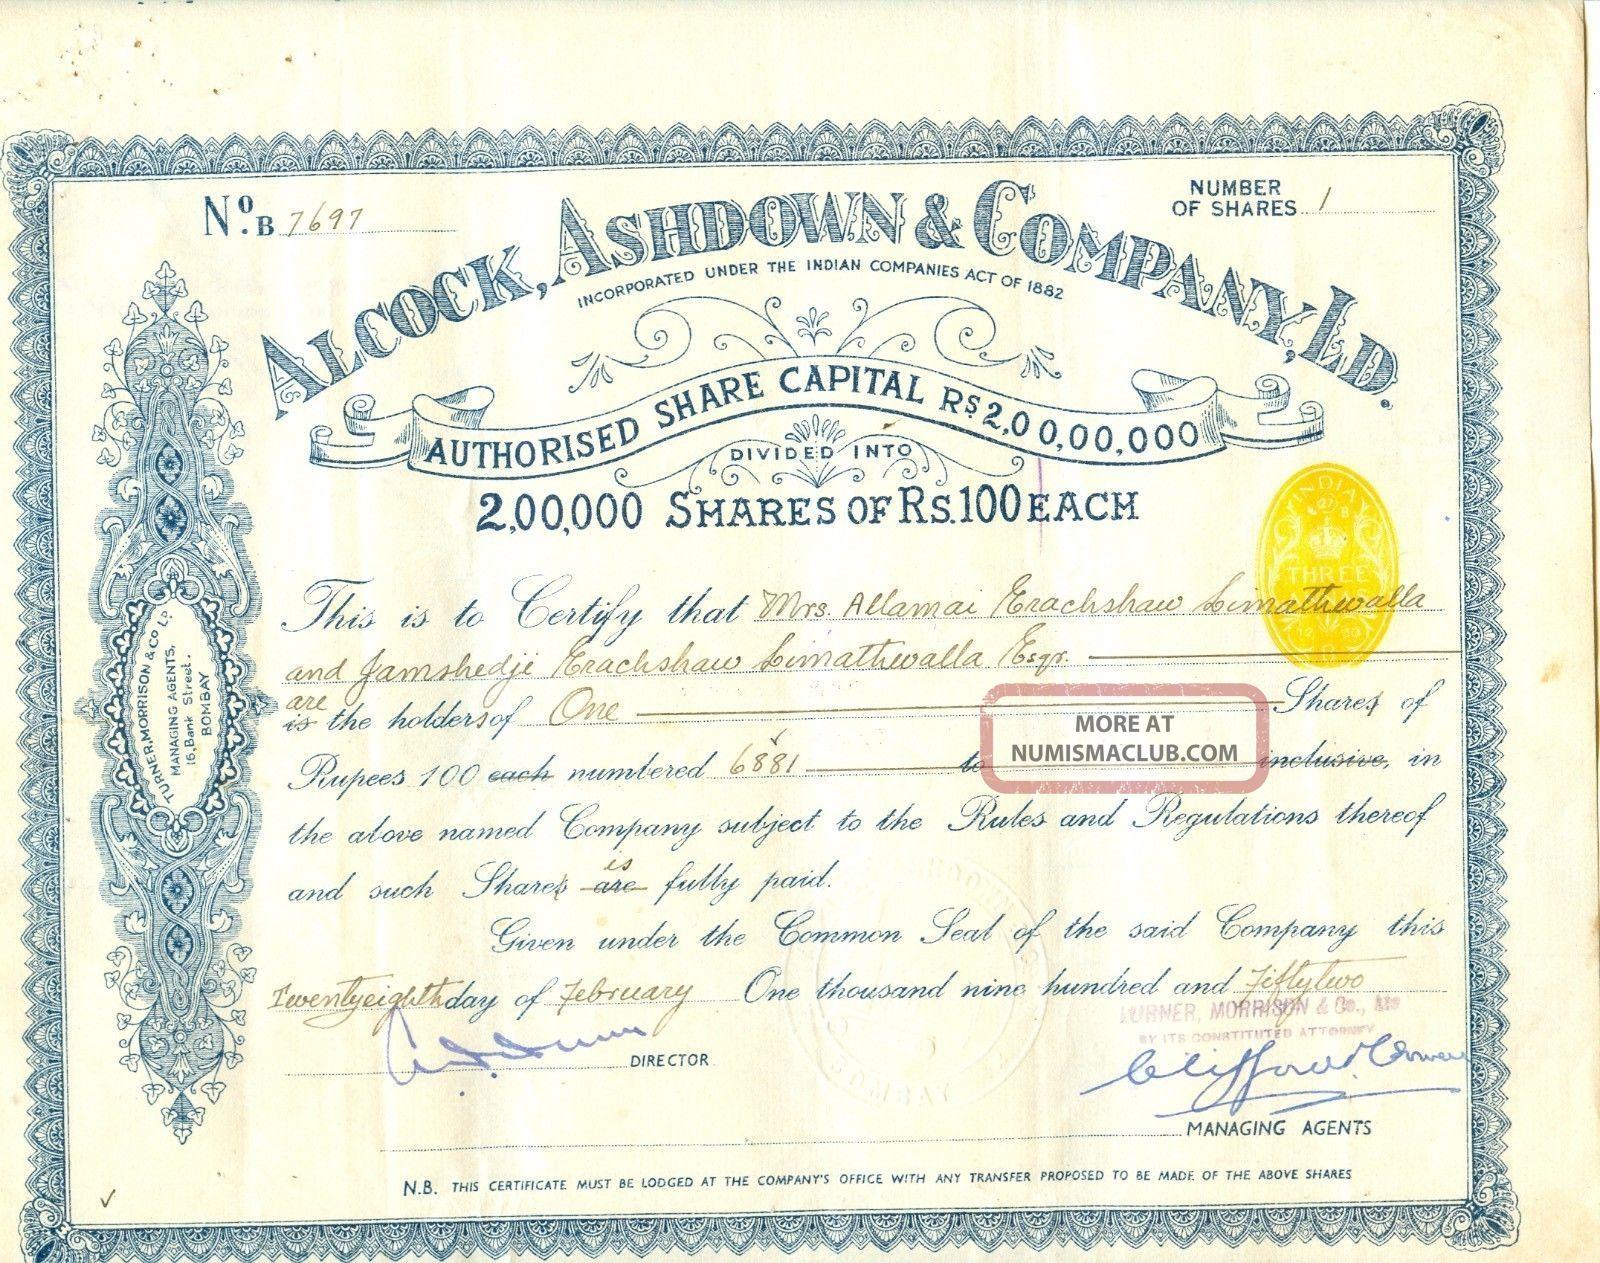 India - Alcock,  Ashdown & Co.  Ltd.  2 Different Share Certificates World photo